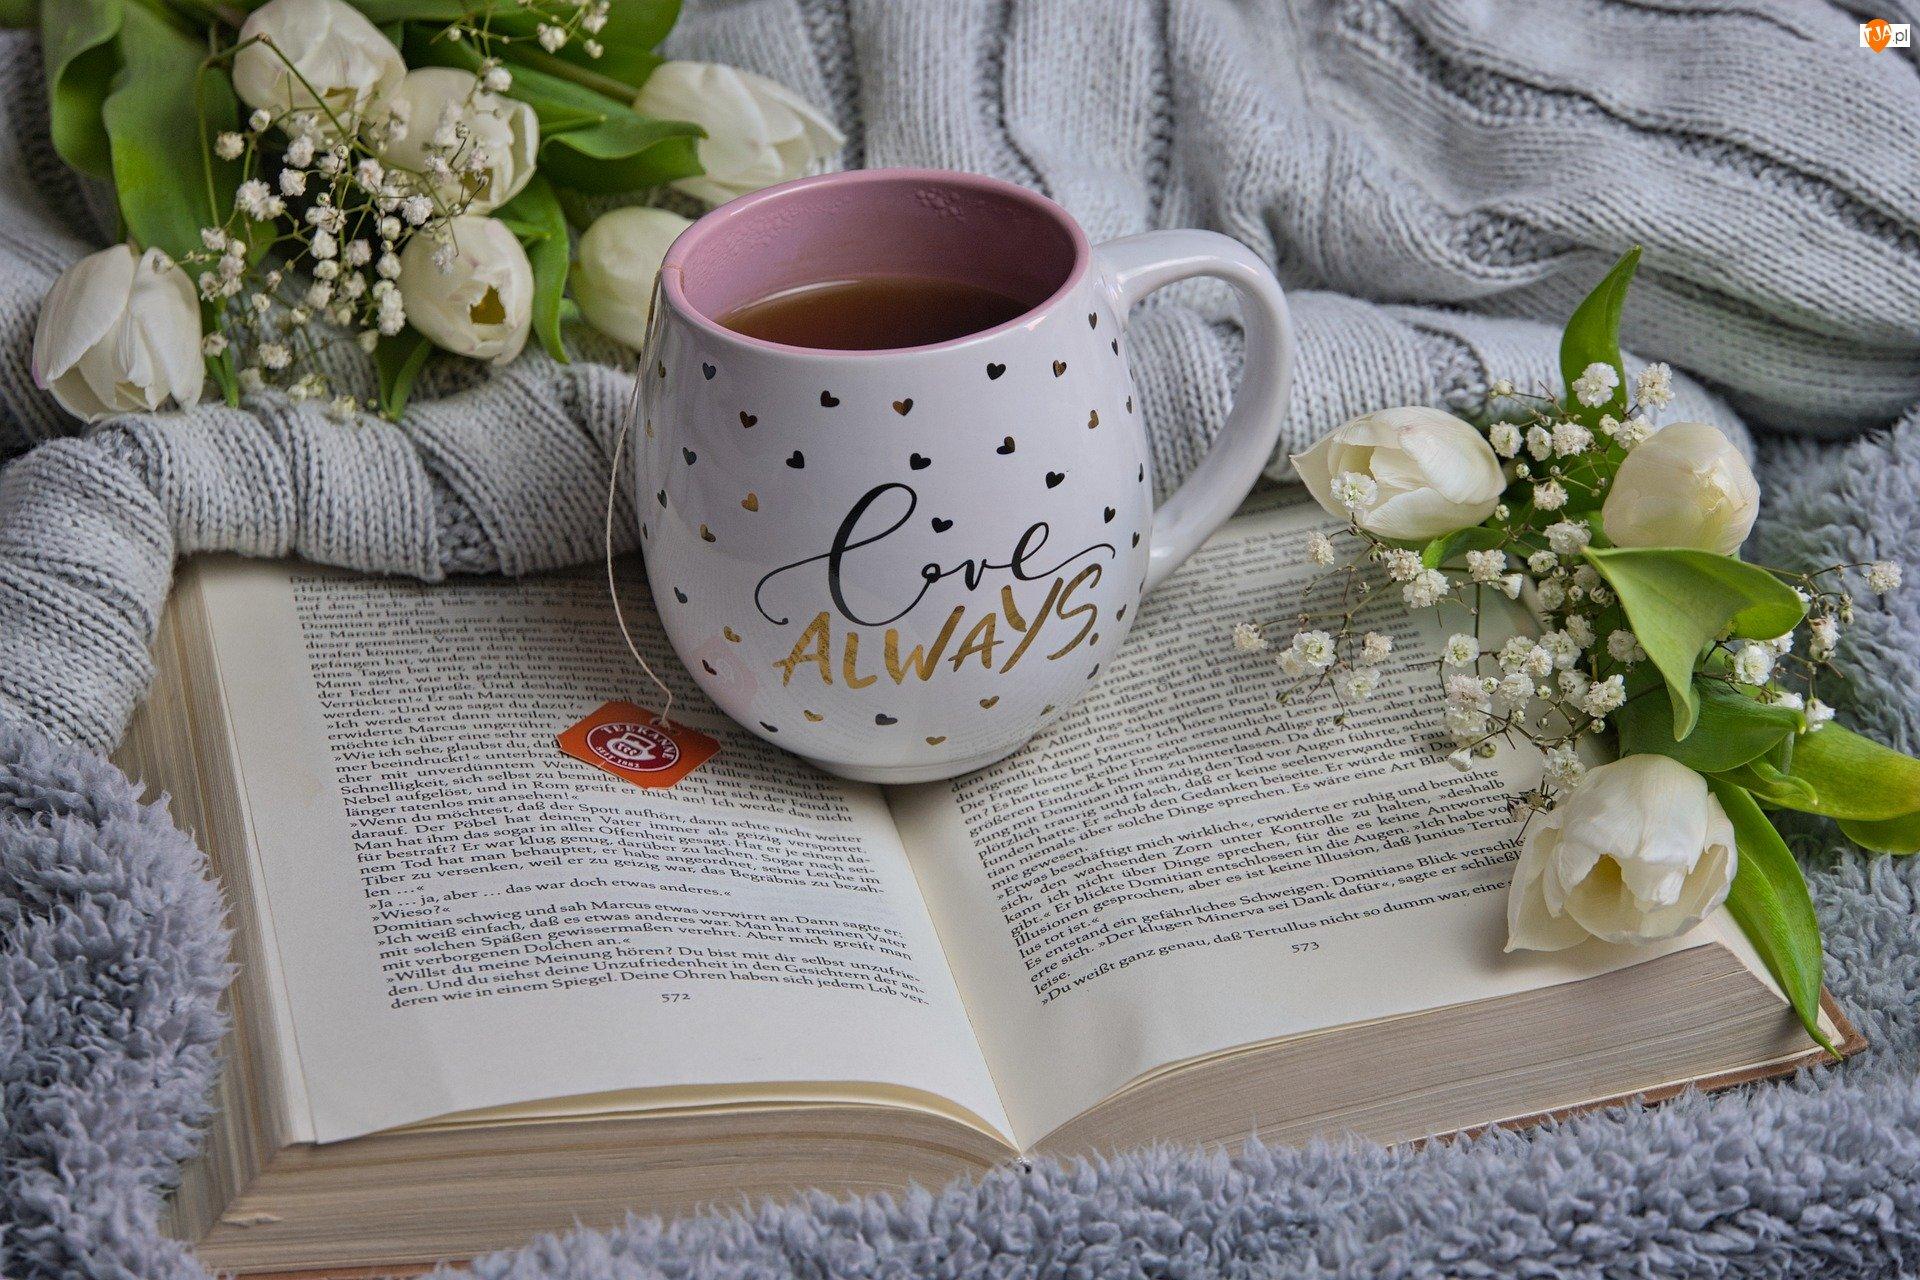 Herbata, Kubek, Białe, Książka, Kwiaty, Tulipany